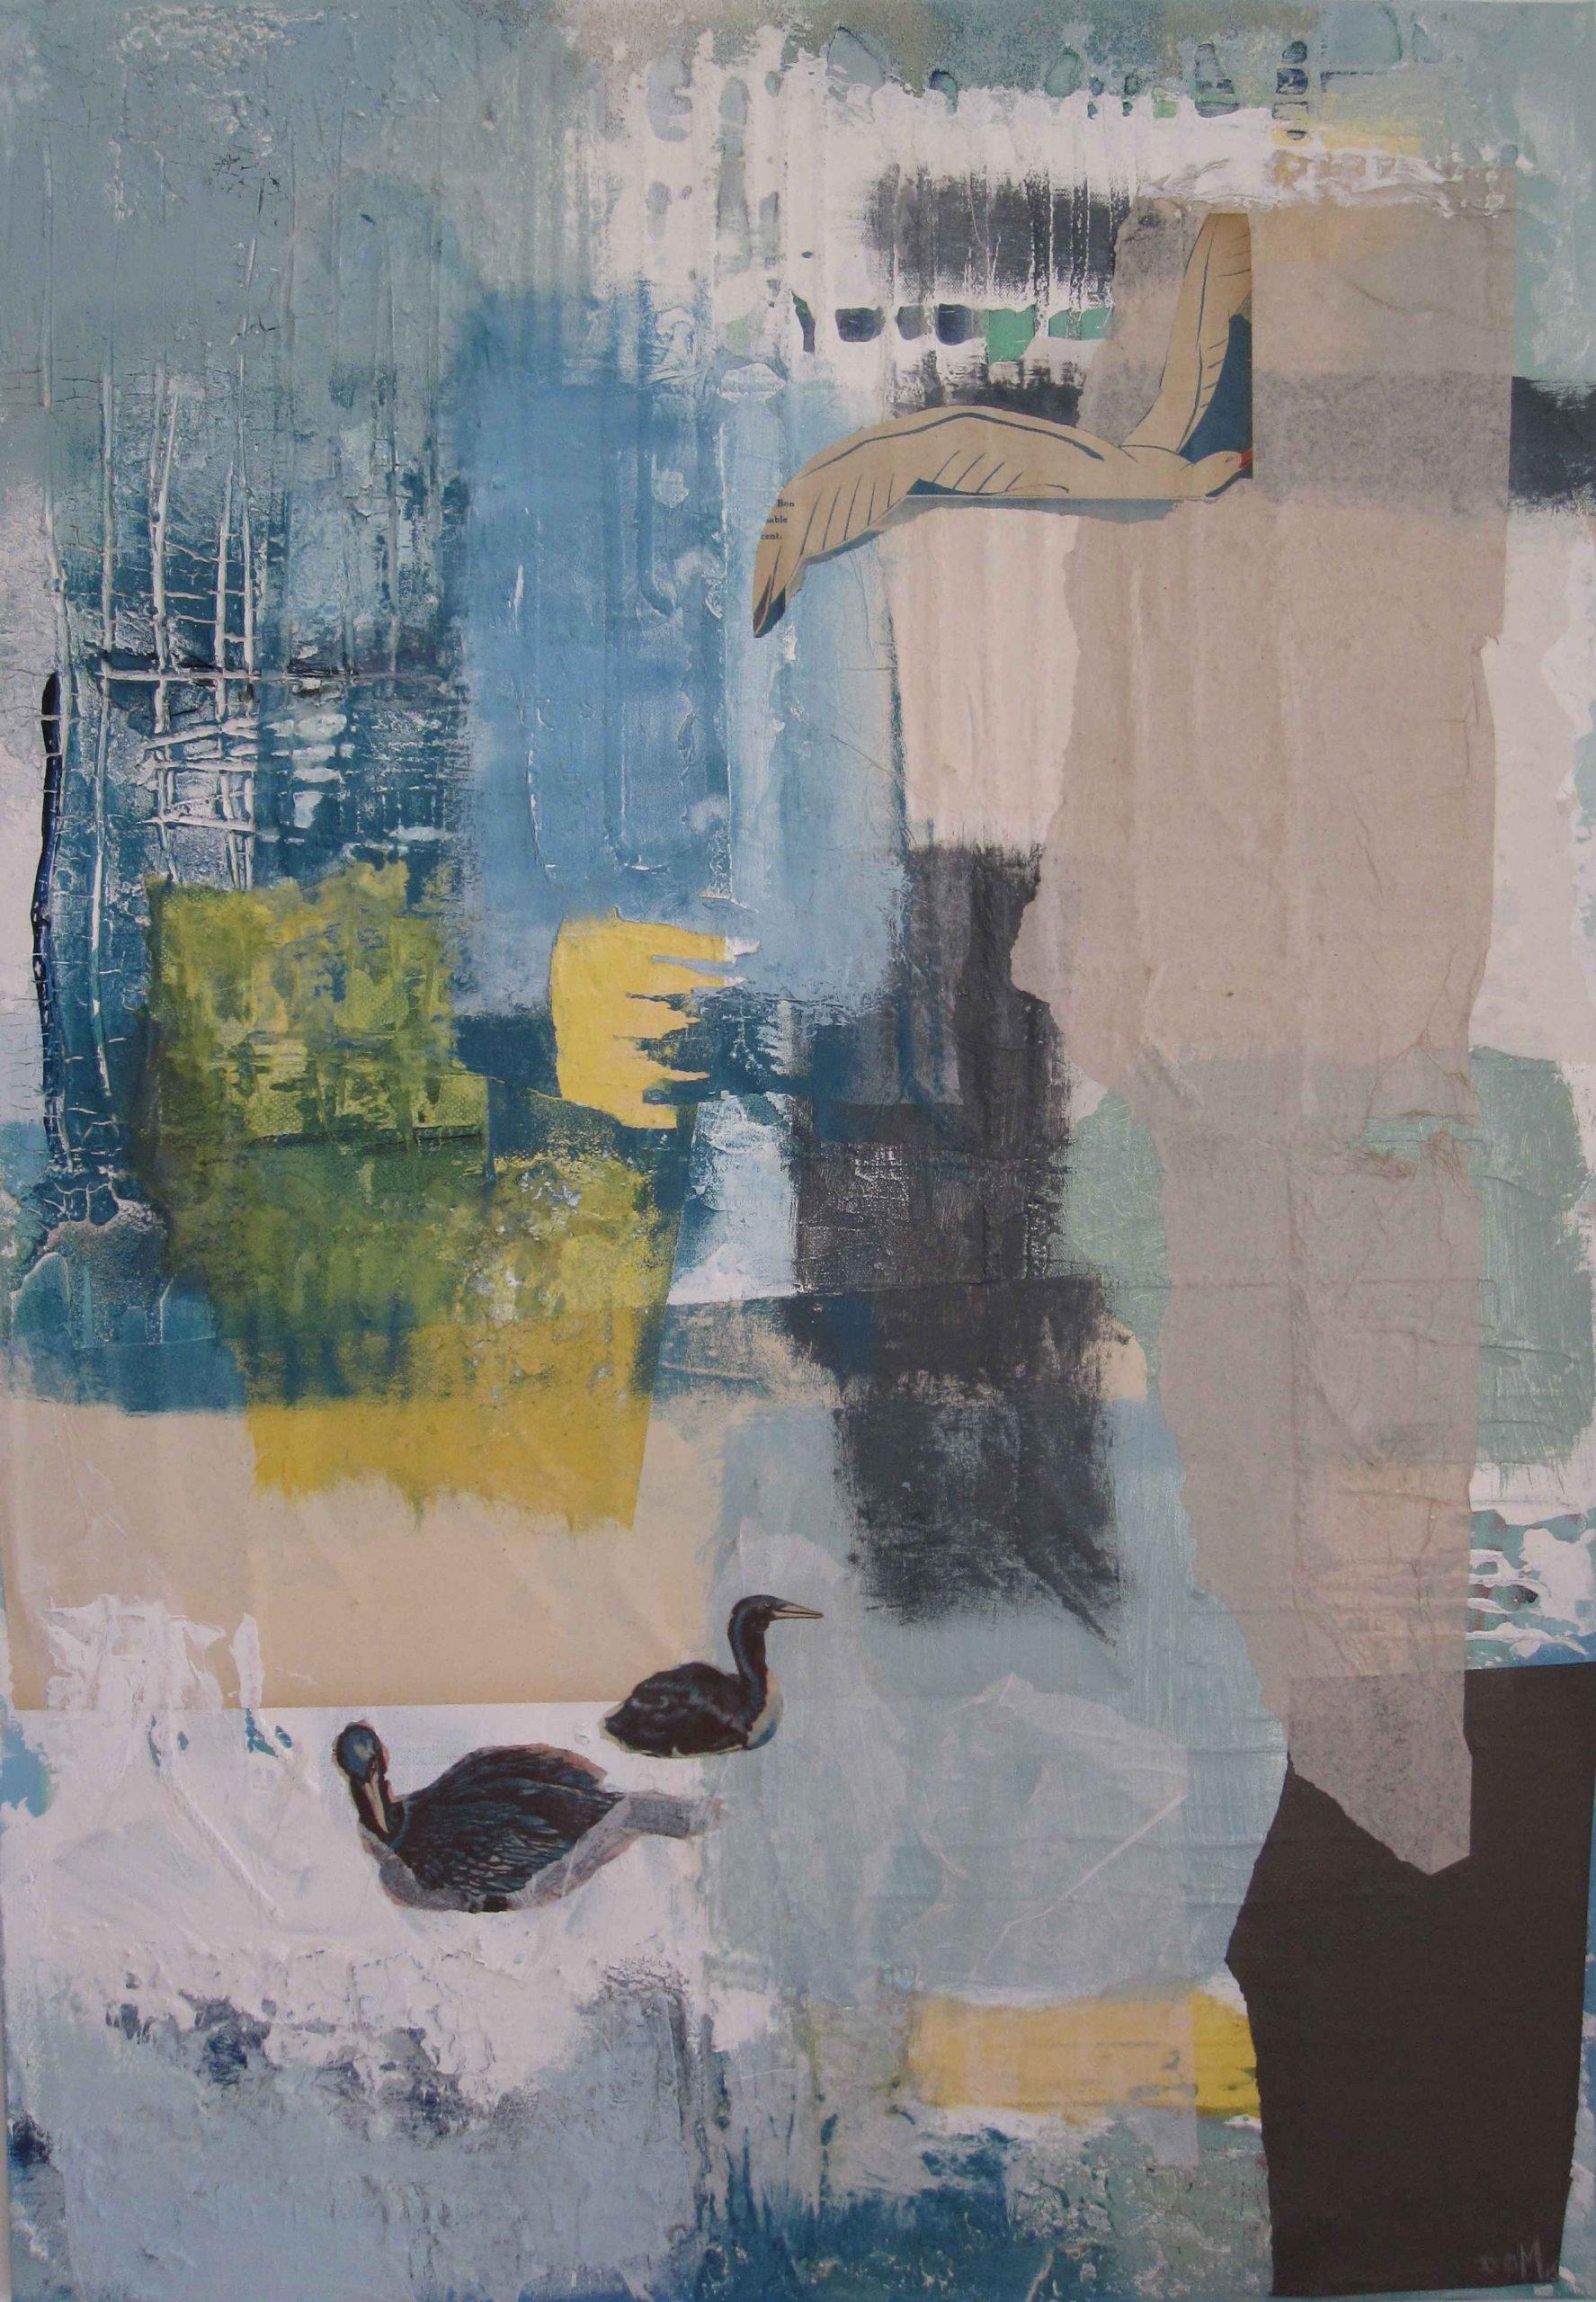 Abstrakte Malerei, Mischtechnik, Struktur, Collage, Blau